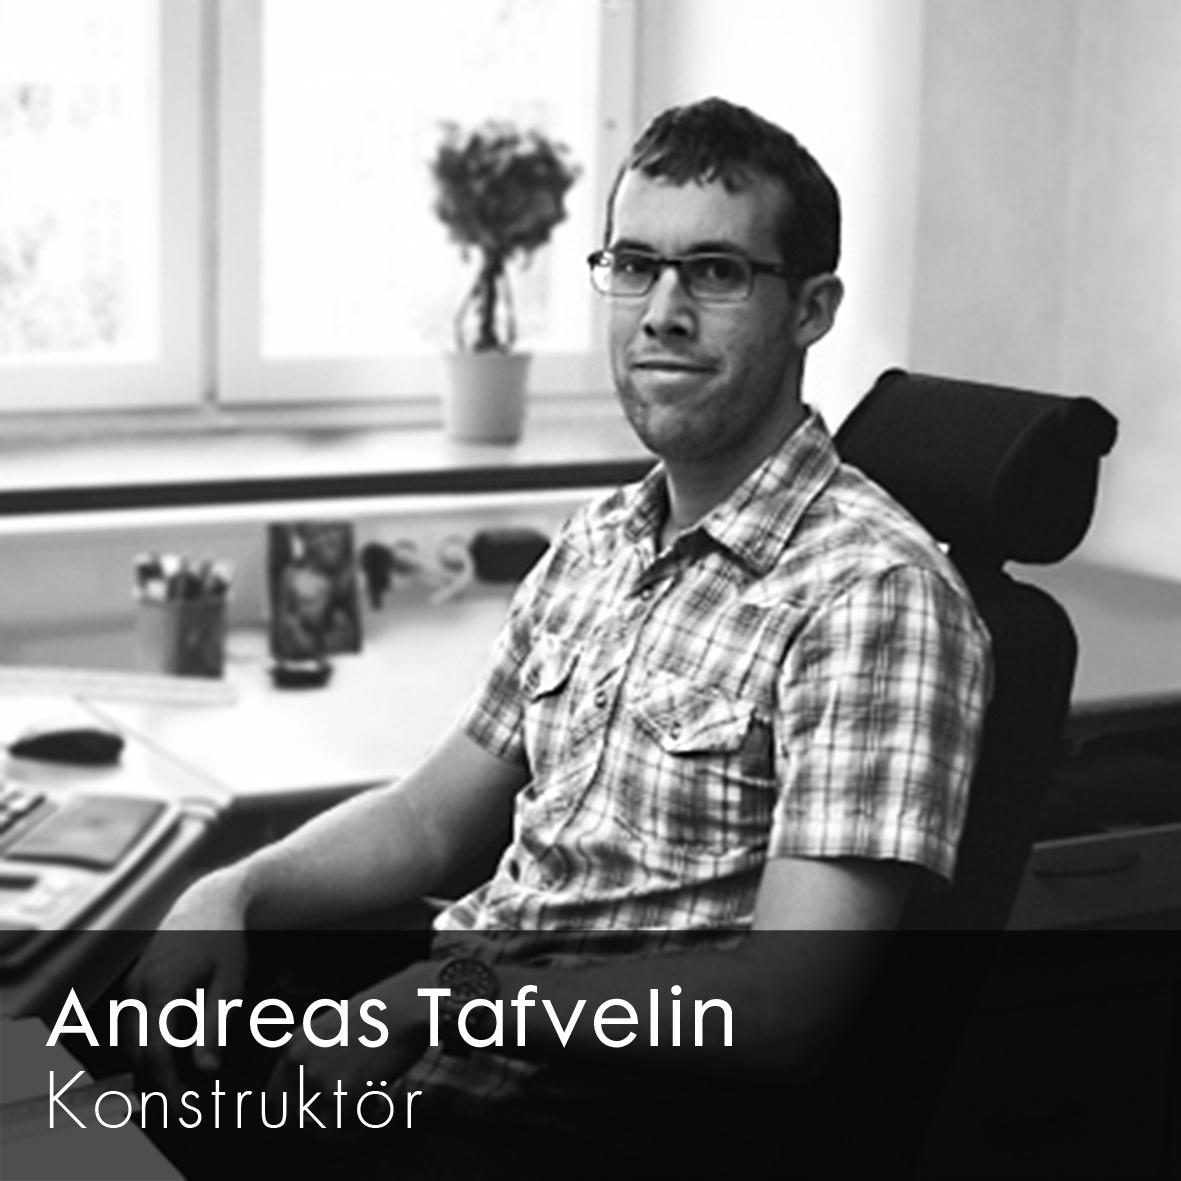 9 Andreas Tafvelin rätt storlek.jpg